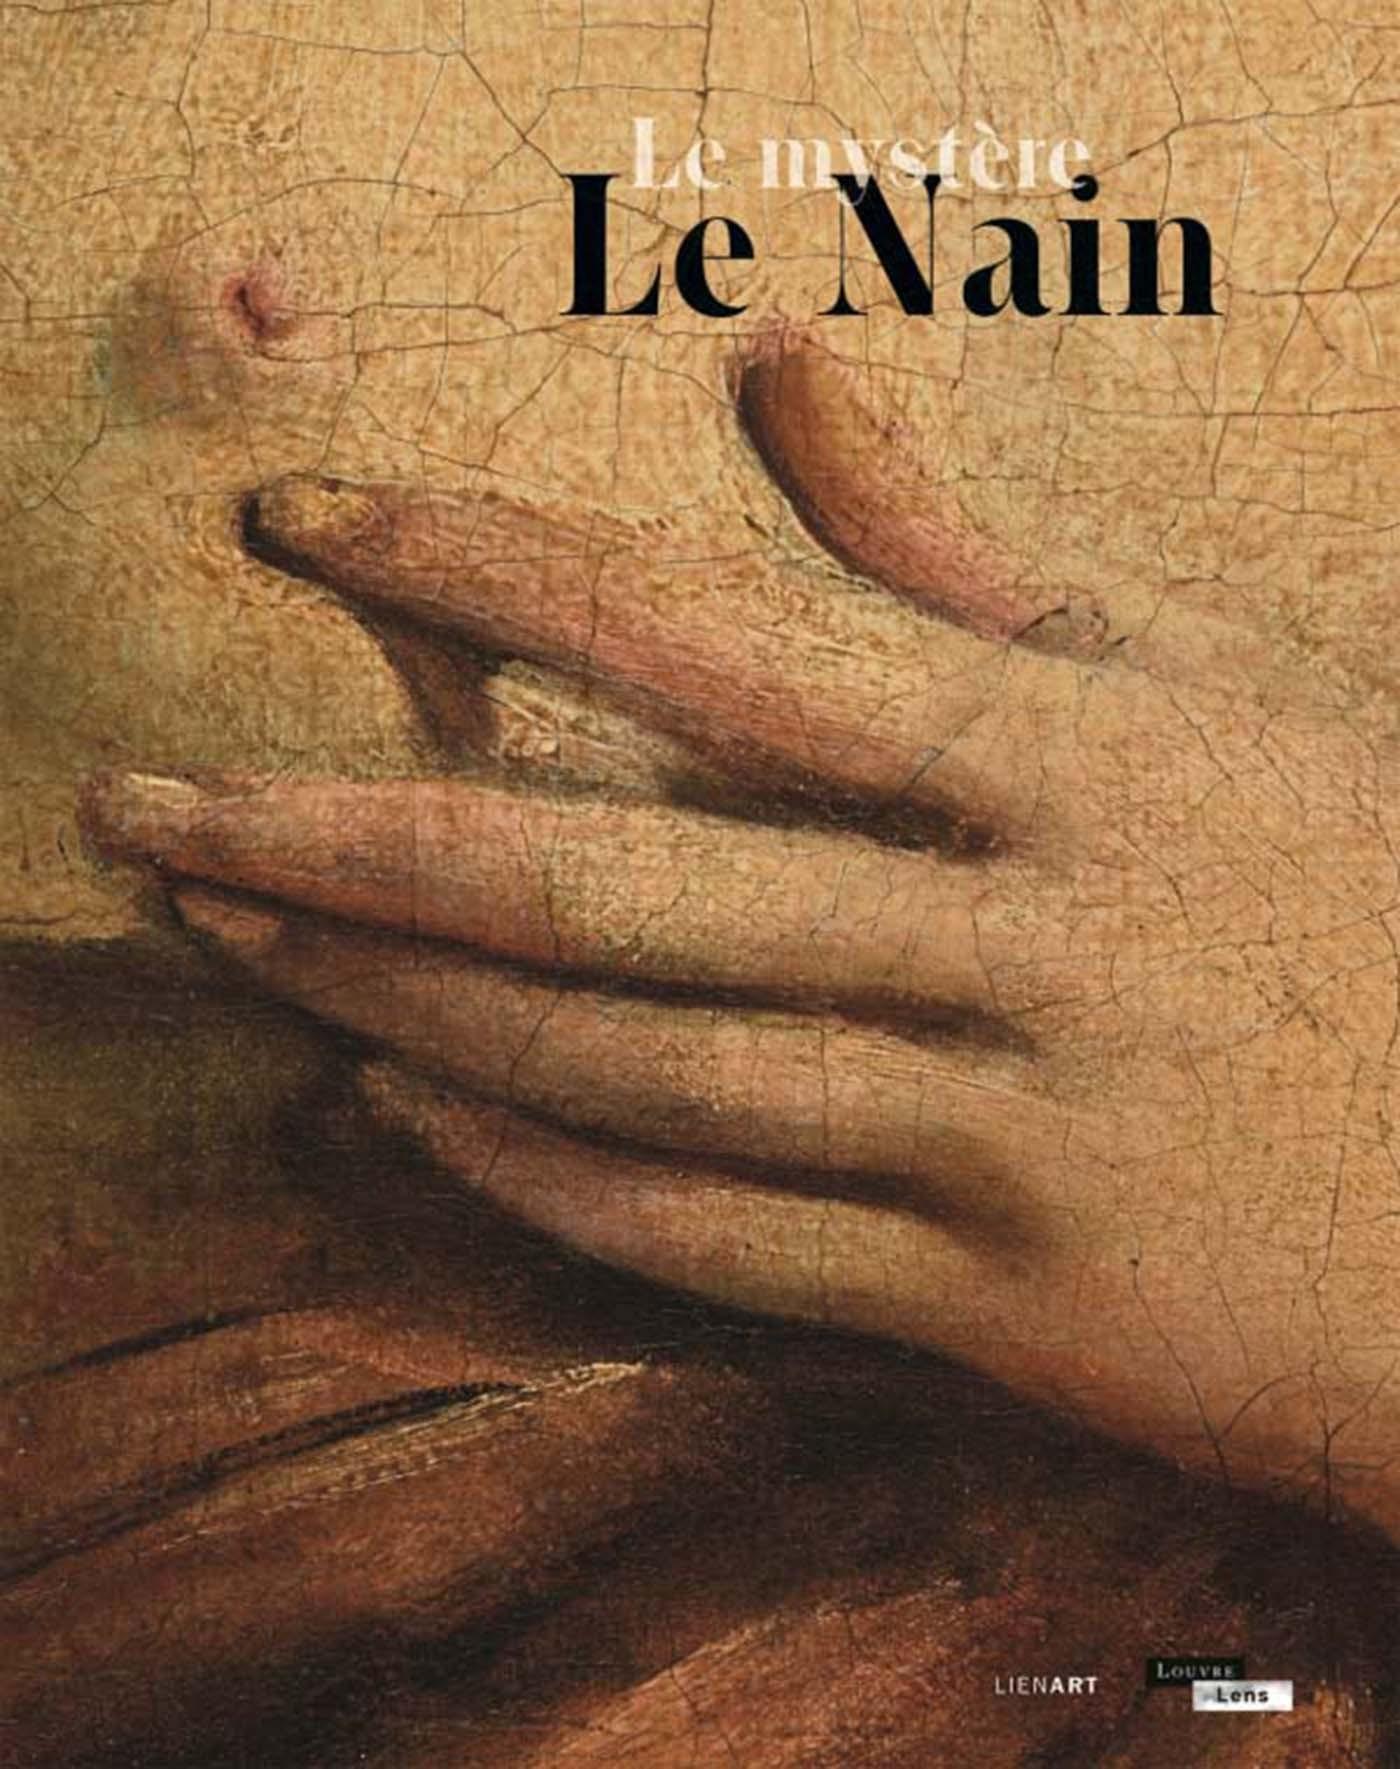 LE MYSTERE LE NAIN